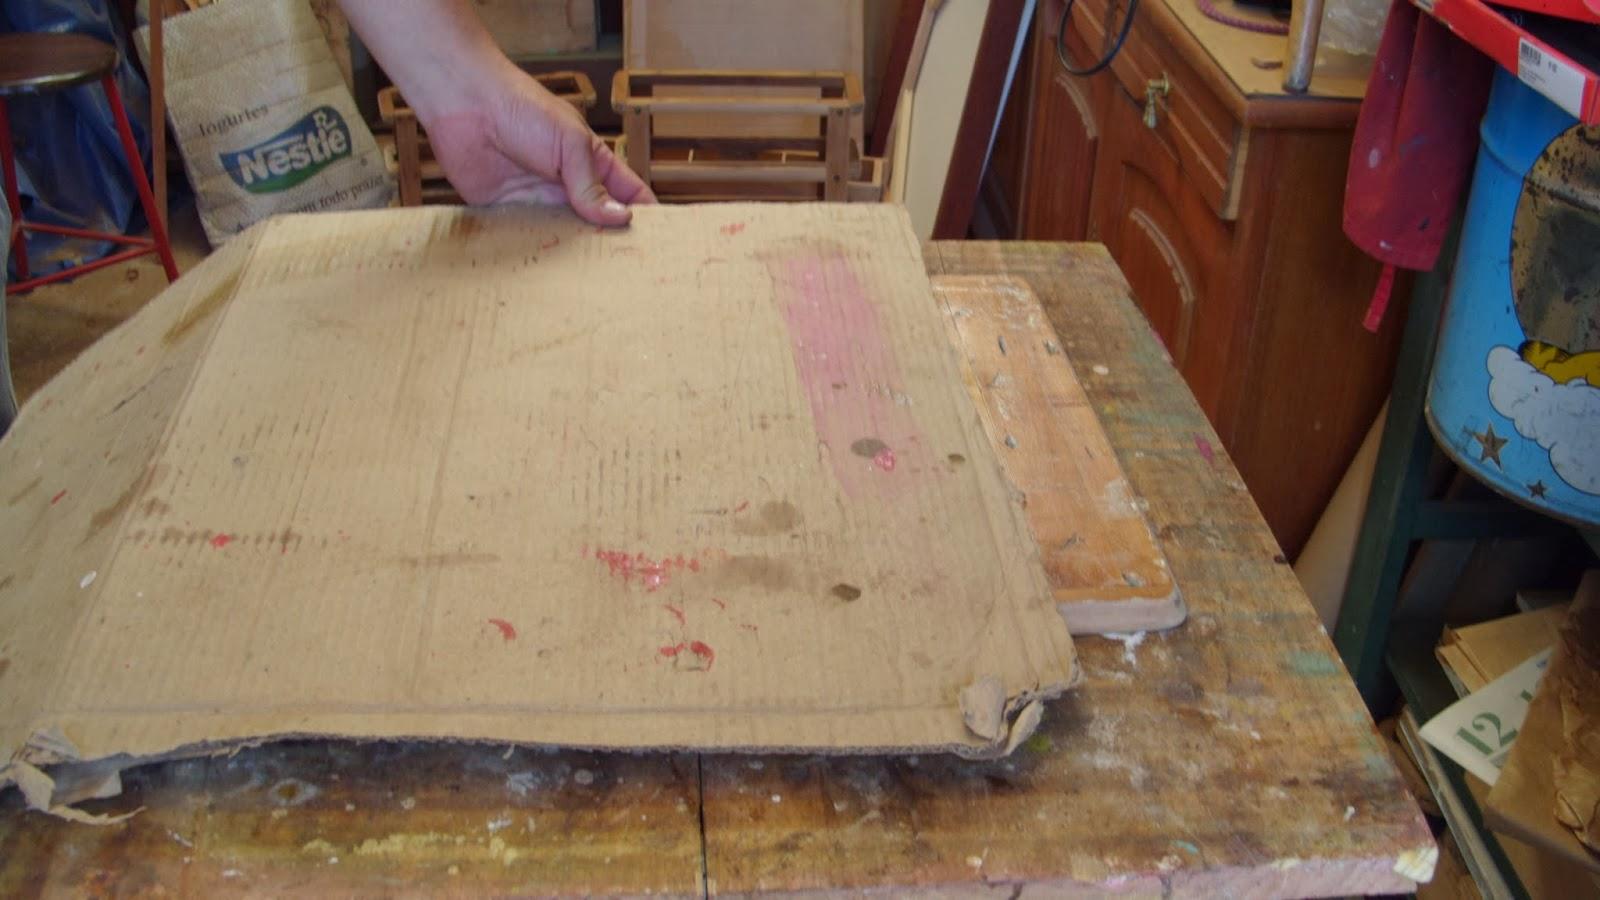 Começa se a colar na borda vai se puxando cuidadosamente o papelão  #A5262C 1600x900